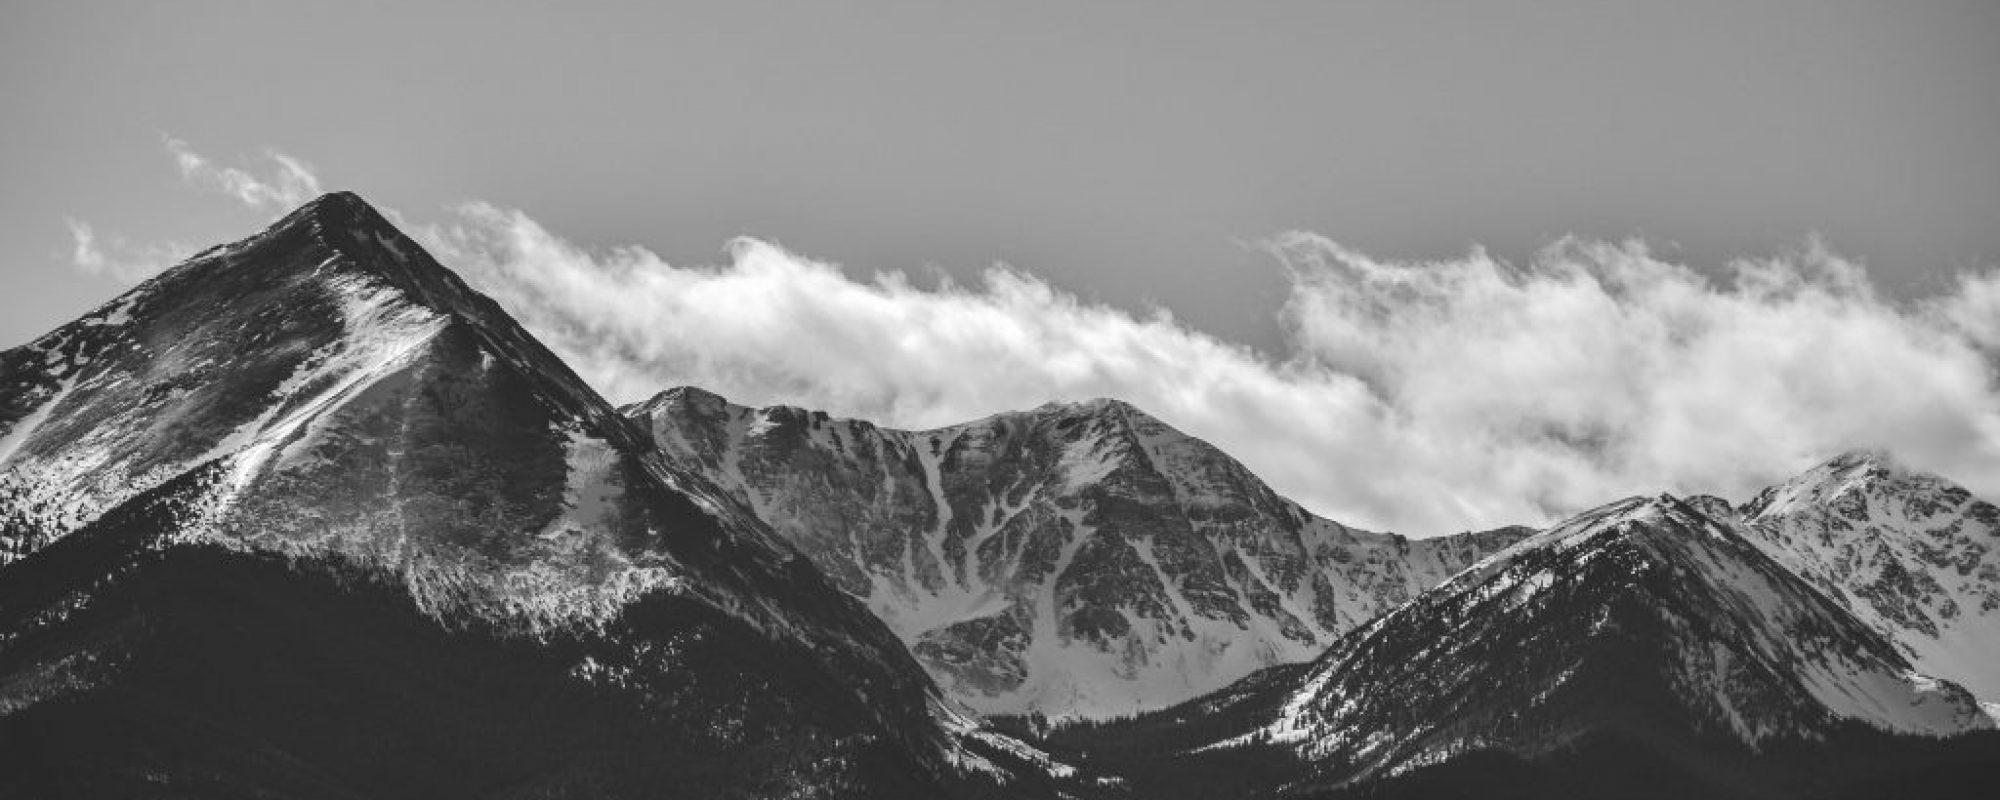 mountains 2069531